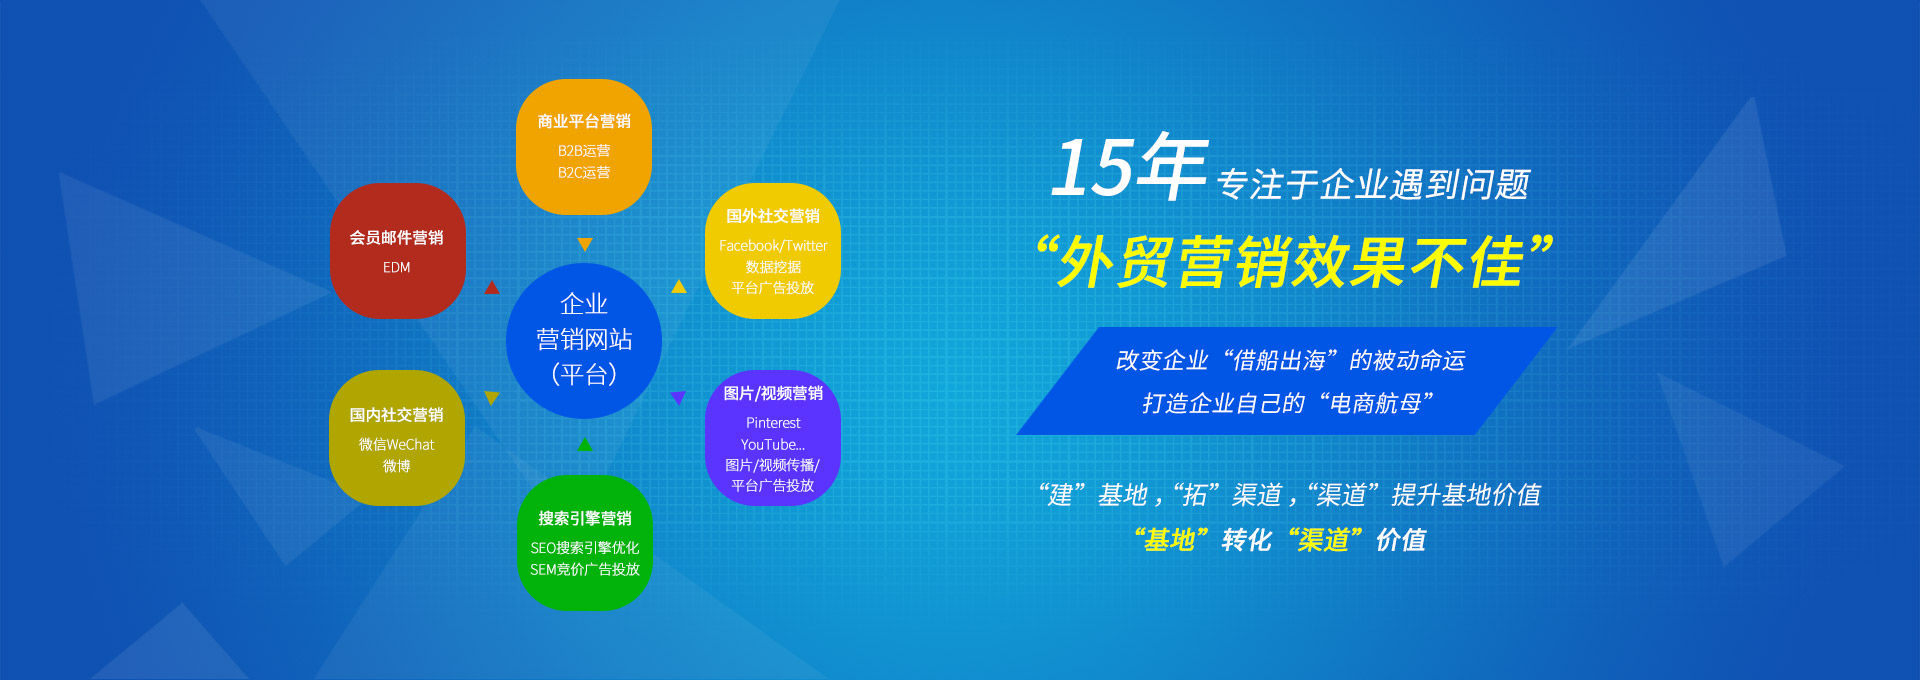 谁知道国内营销推广软件哪个最好,哪里可以下载到?